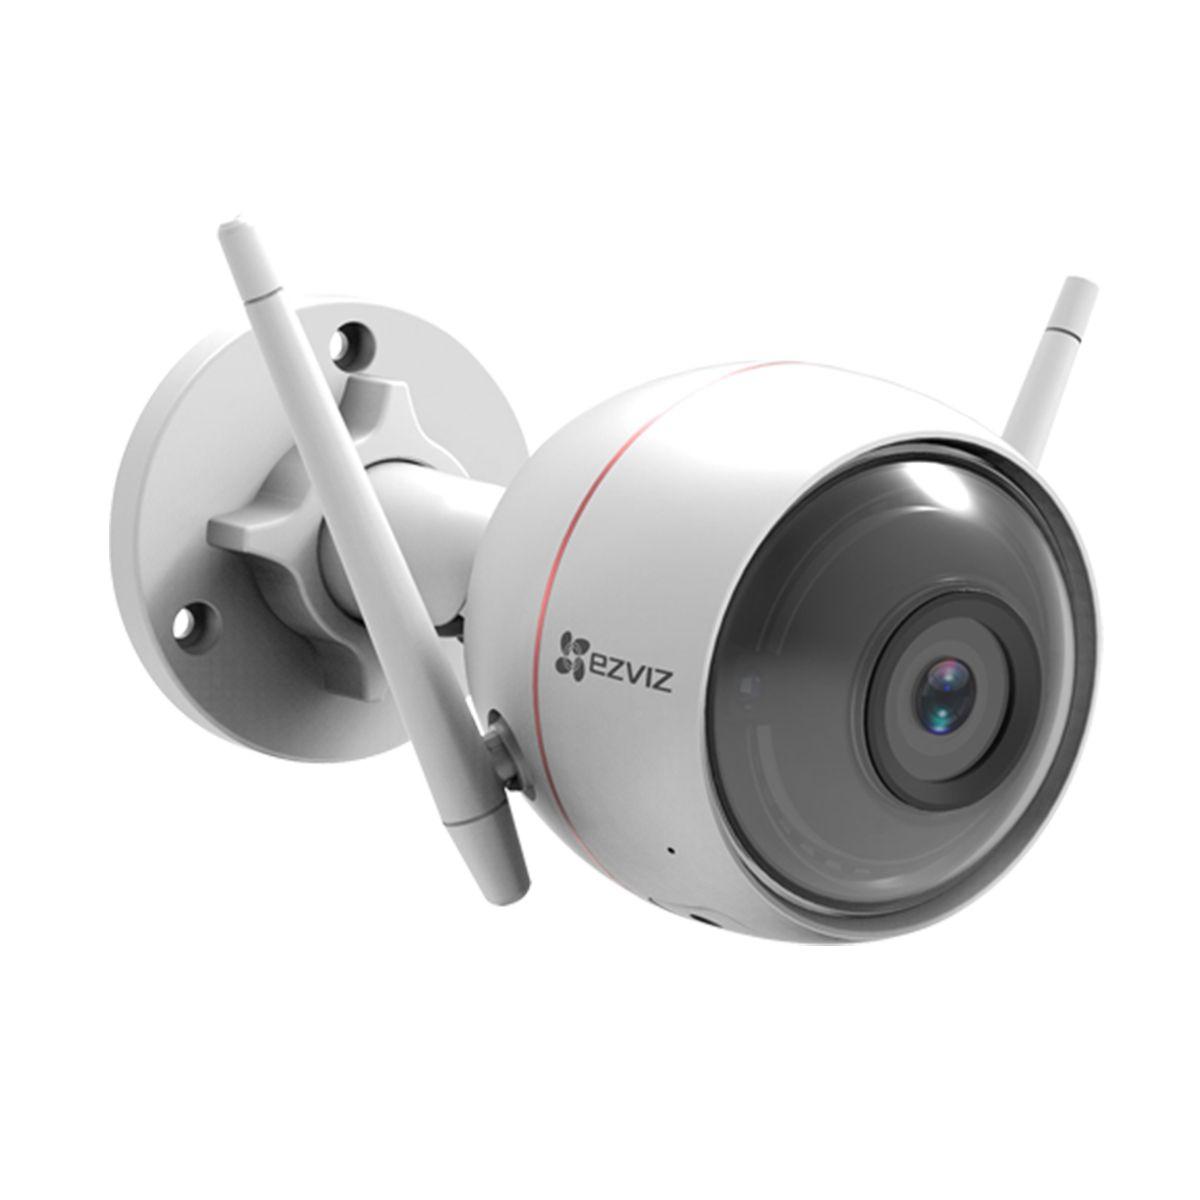 Cámaras Ezviz WiFi 1080p L28mm CS-CV310-A0-1B2WFR